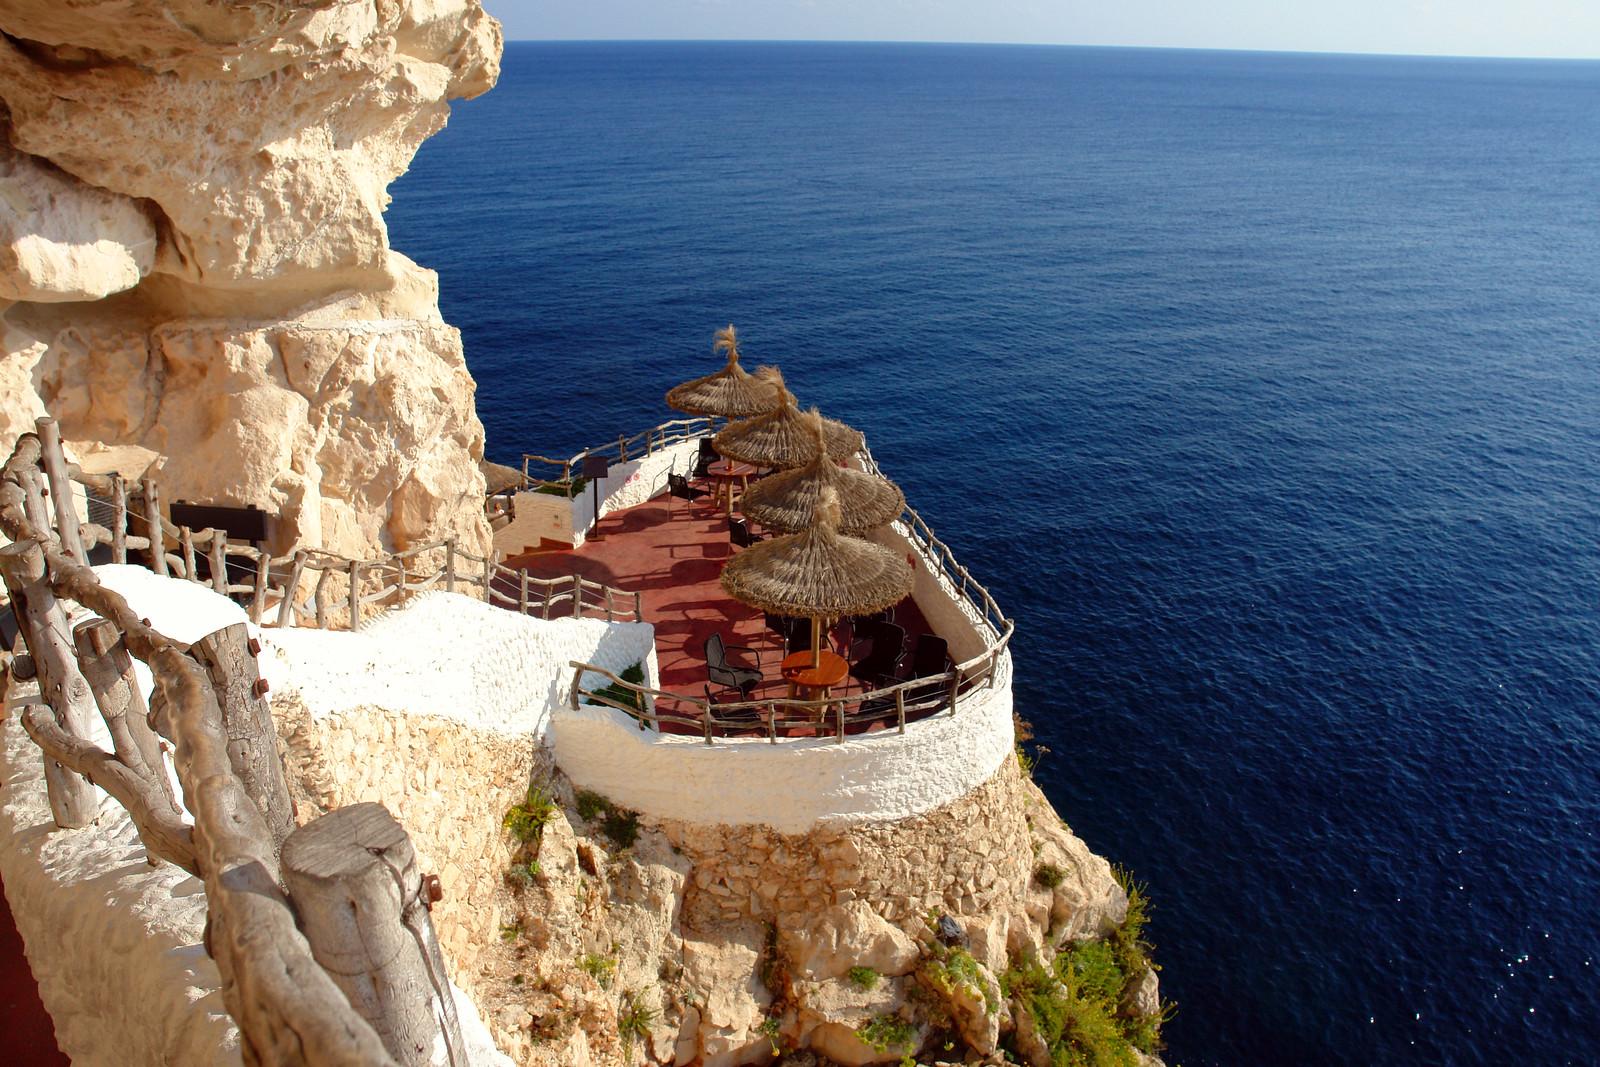 Qué ver en Menorca, Islas Baleares - thewotme qué ver en menorca - 50046797526 50b3c5abc2 h - Qué ver en Menorca, lugares a NO perderse